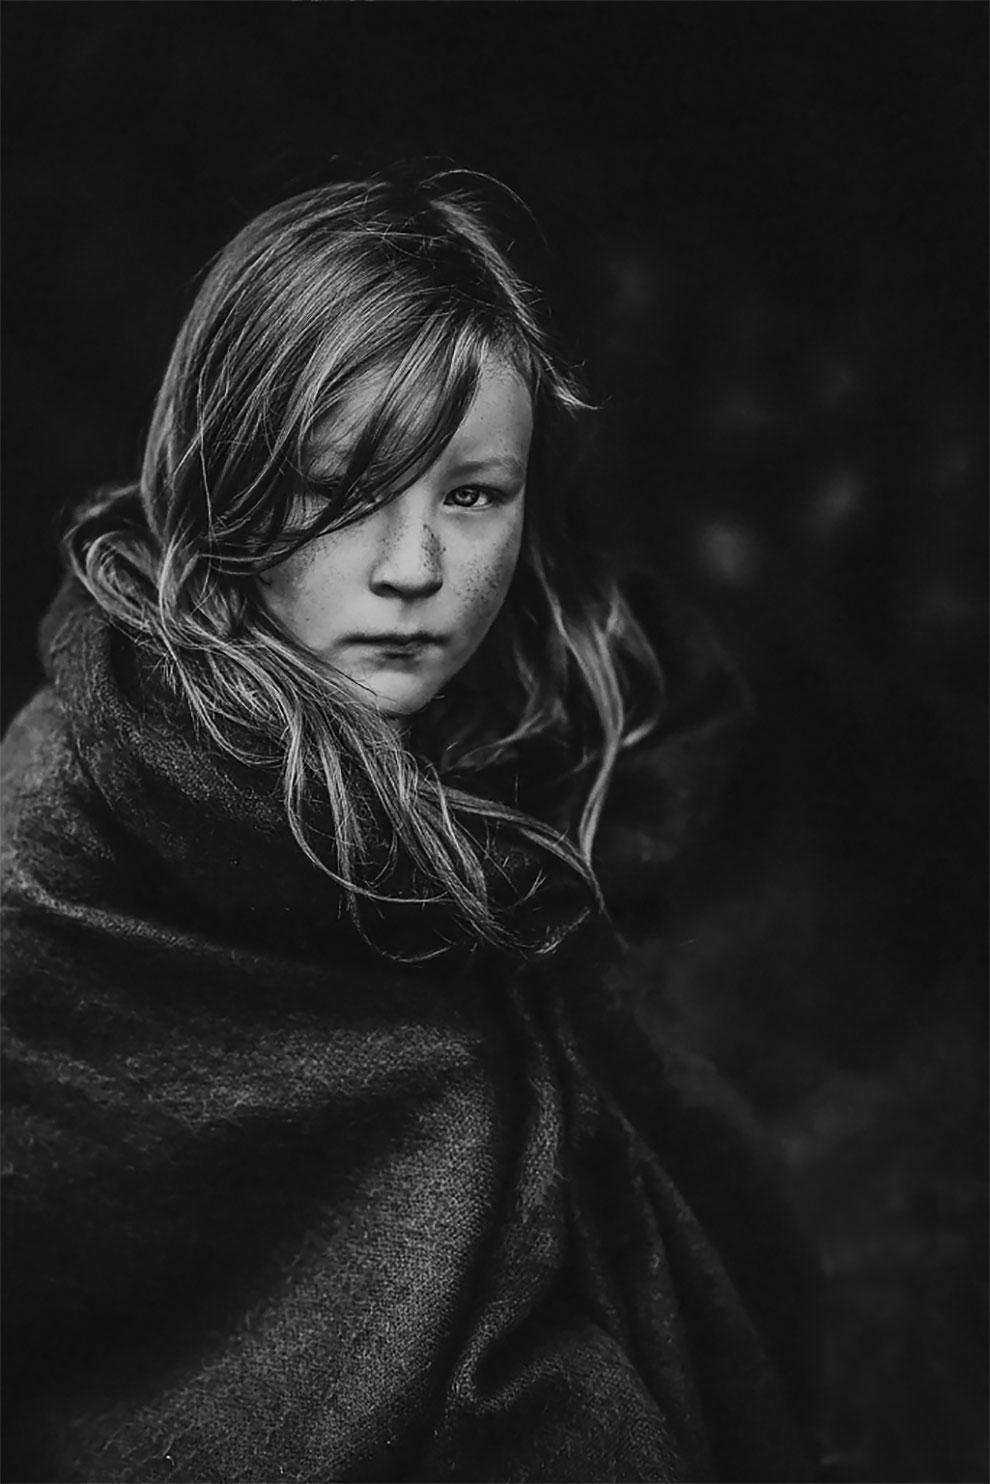 Детский фотоконкурс 2017: Лучшие черно-белые снимки посвященные детству